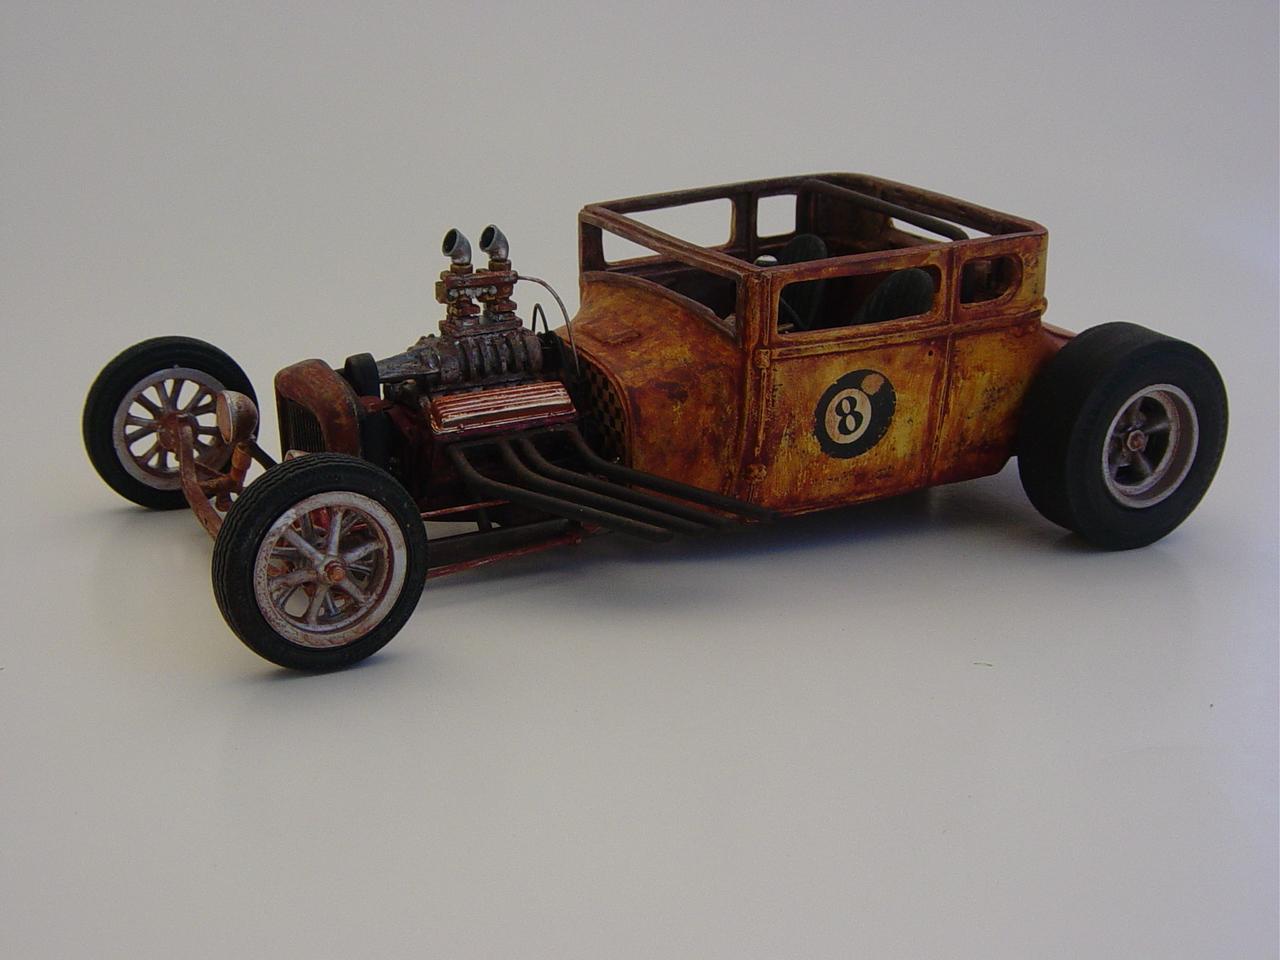 #8 car 3 2.JPG